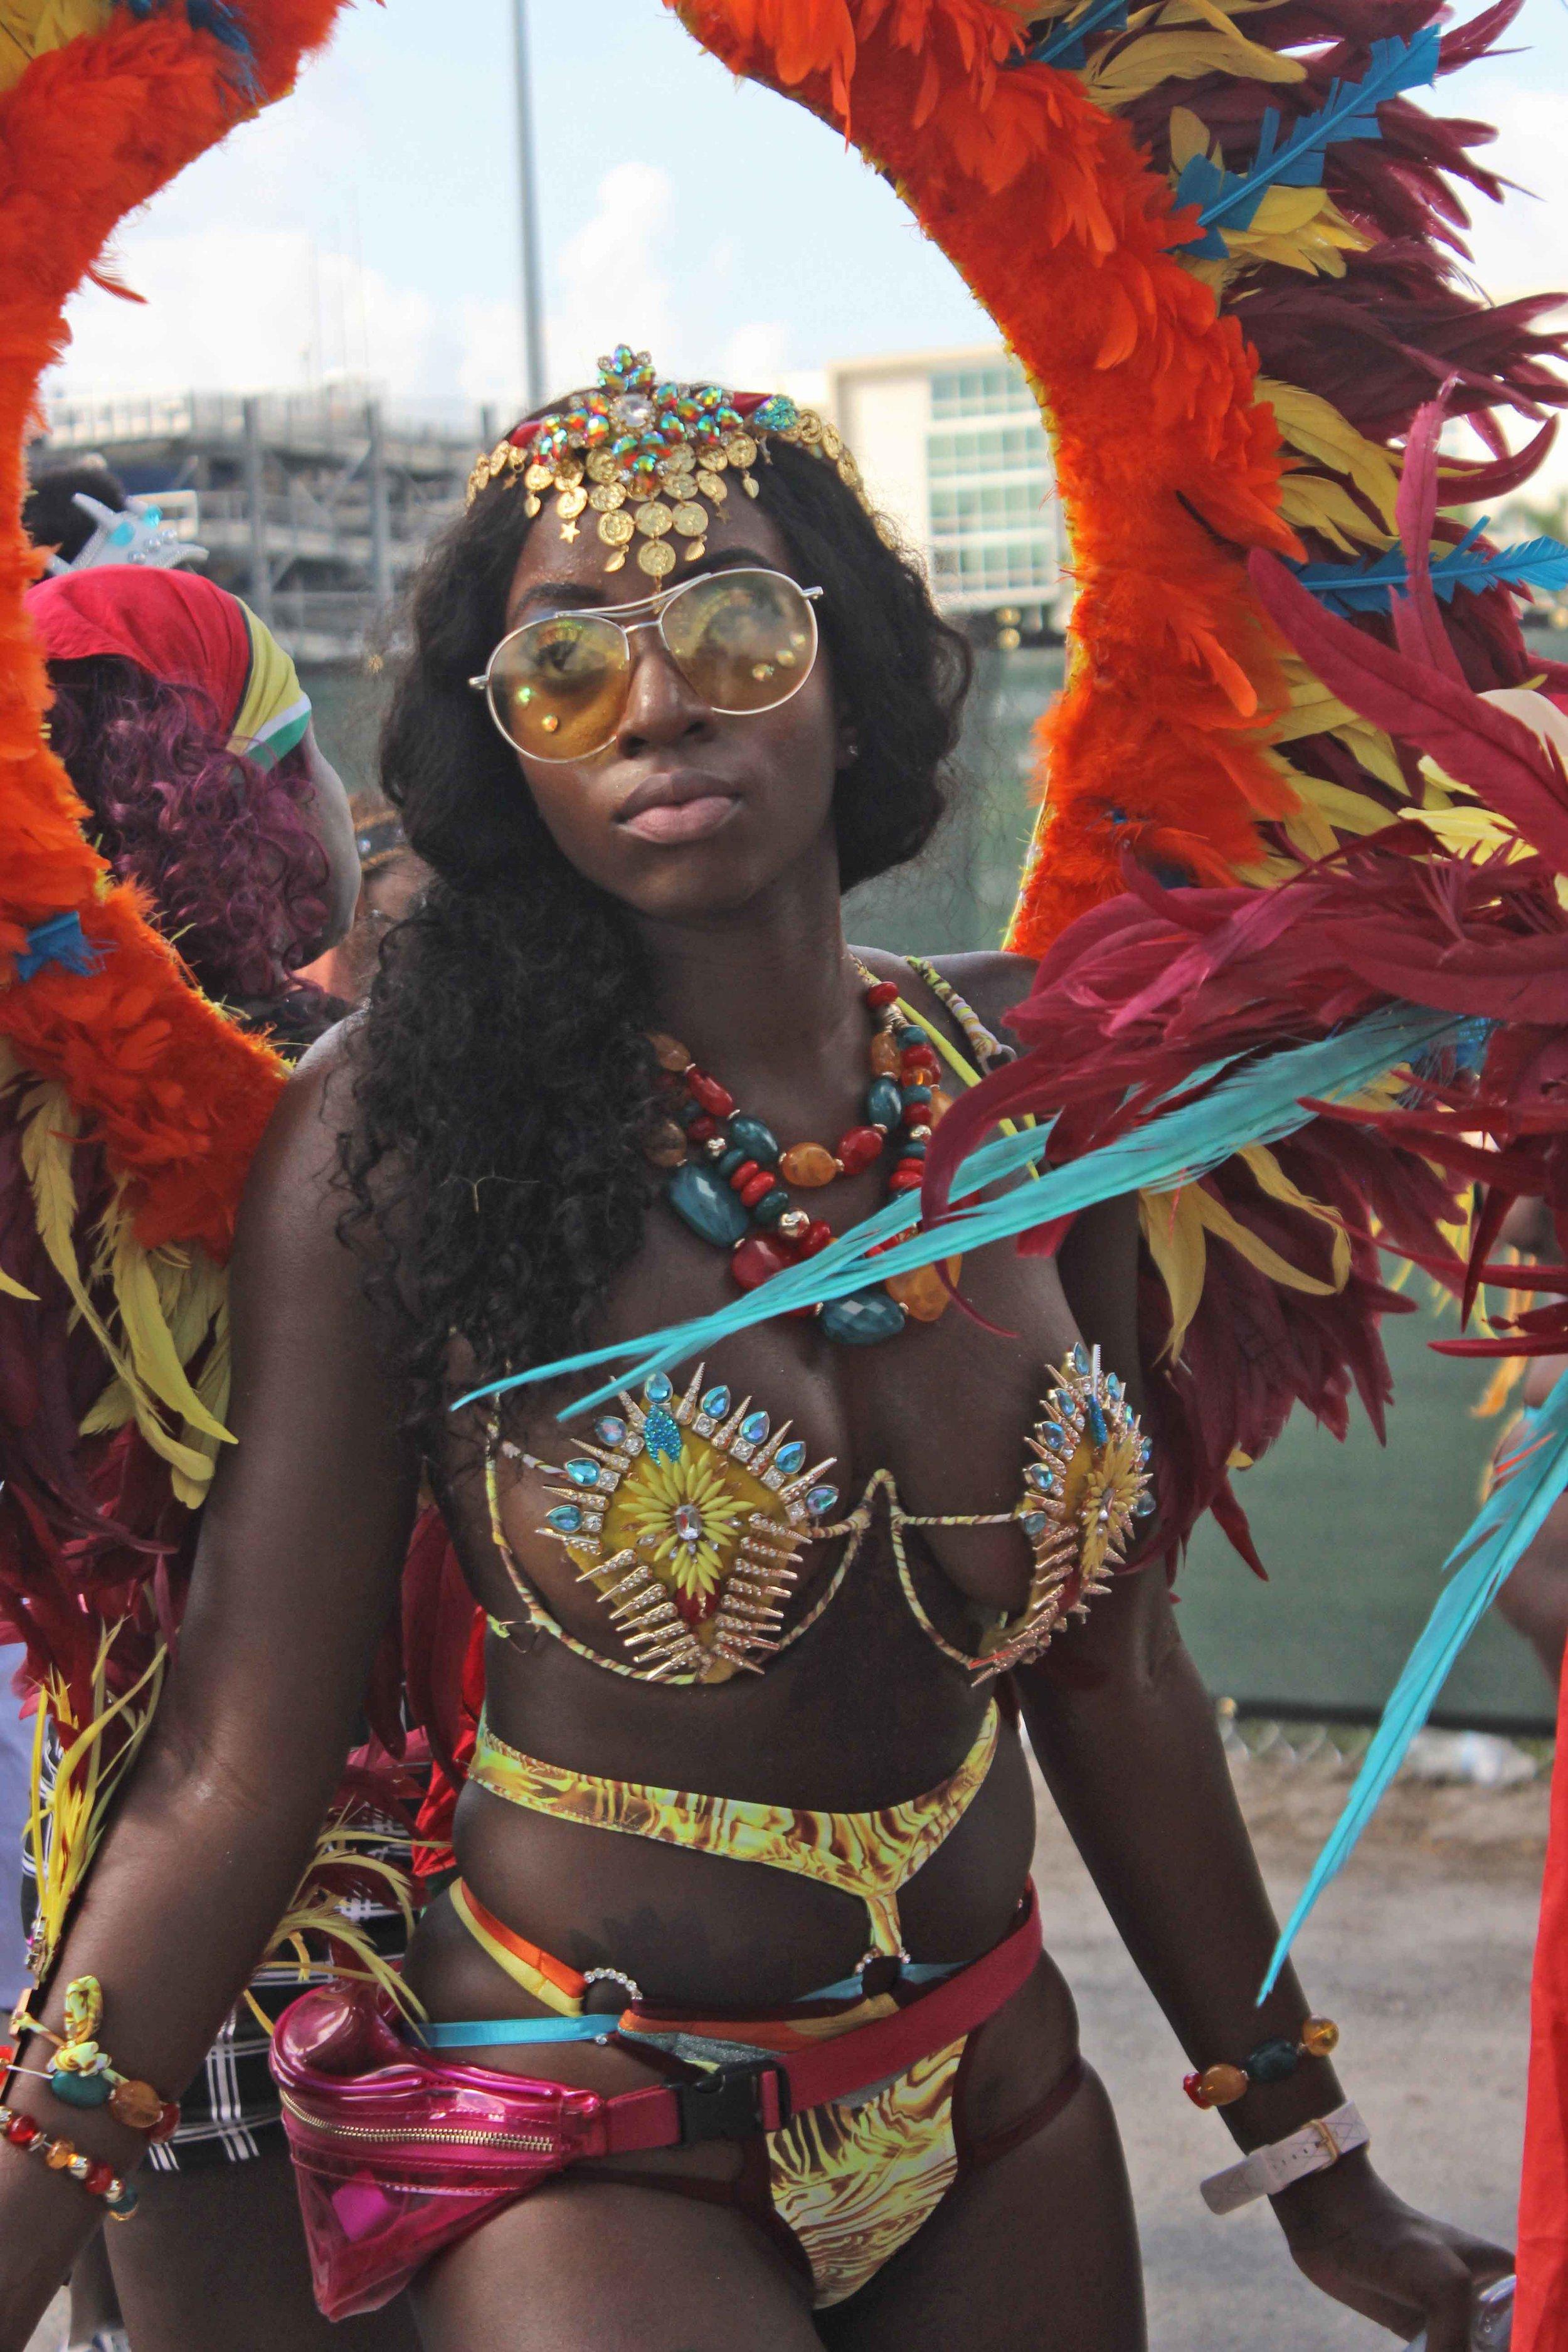 MiamiBro Carn17_2553_08-10-17-15-59-50enh.jpg